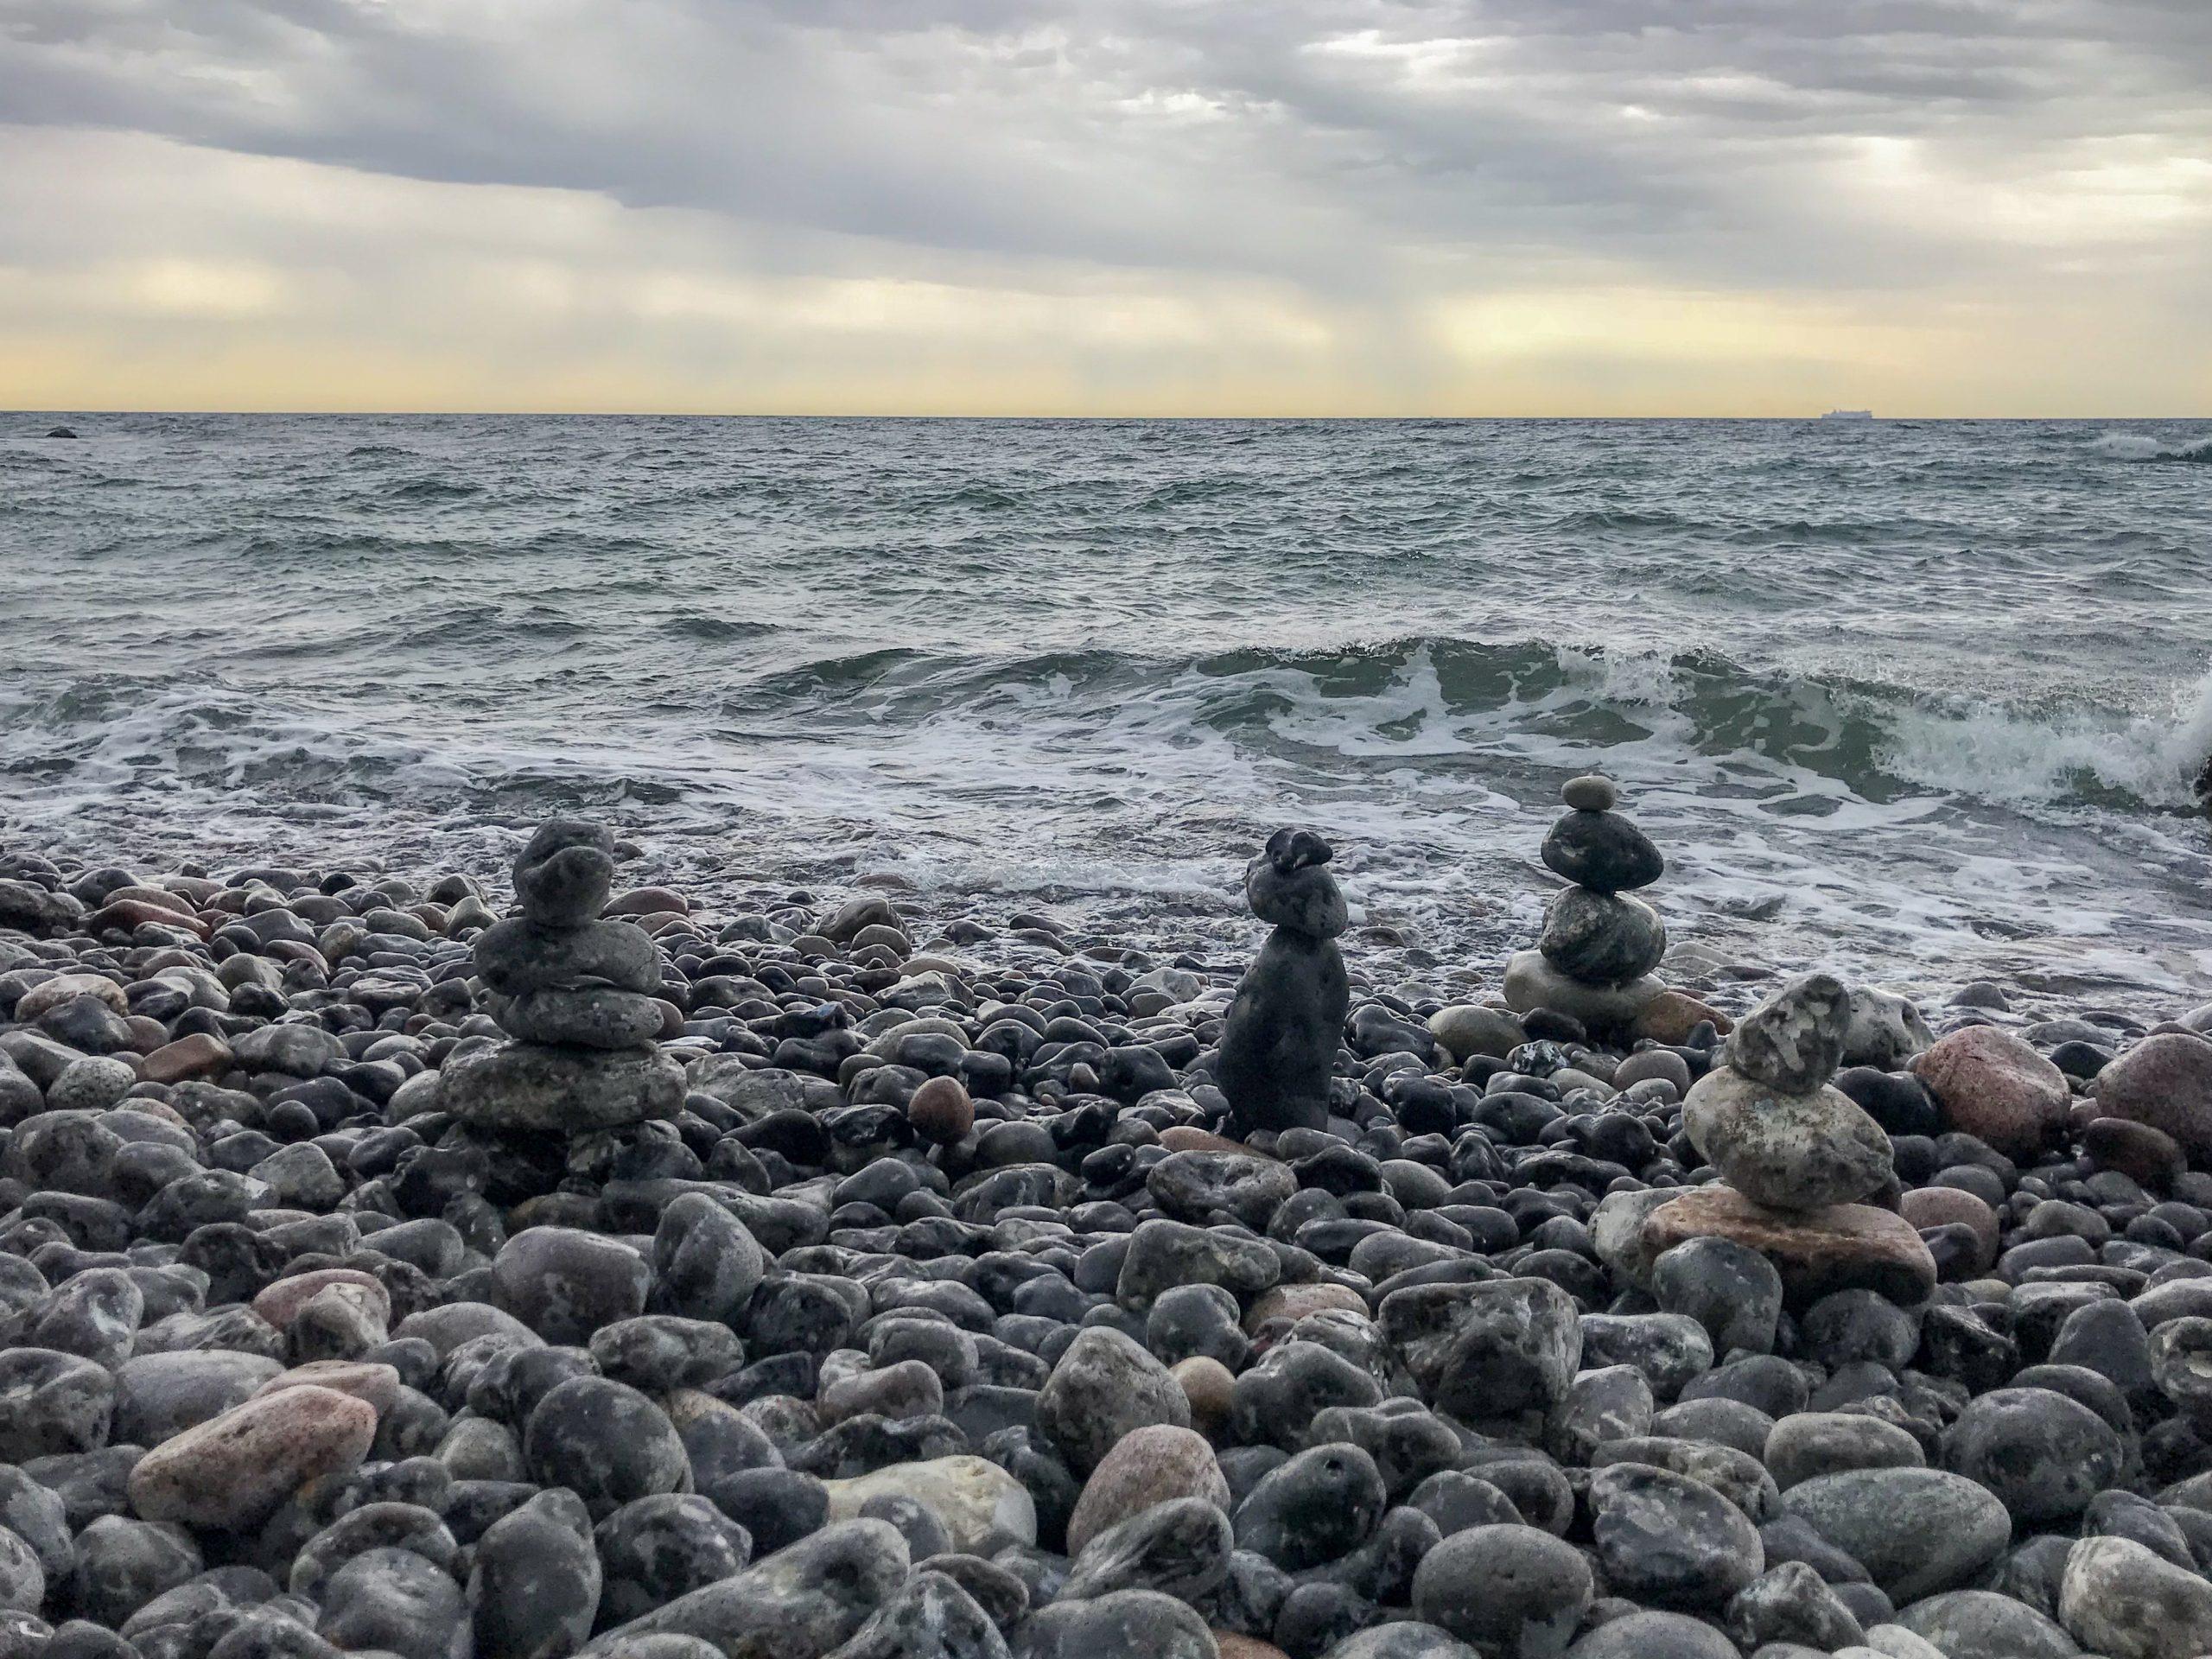 mer baltique danemark ile de mon